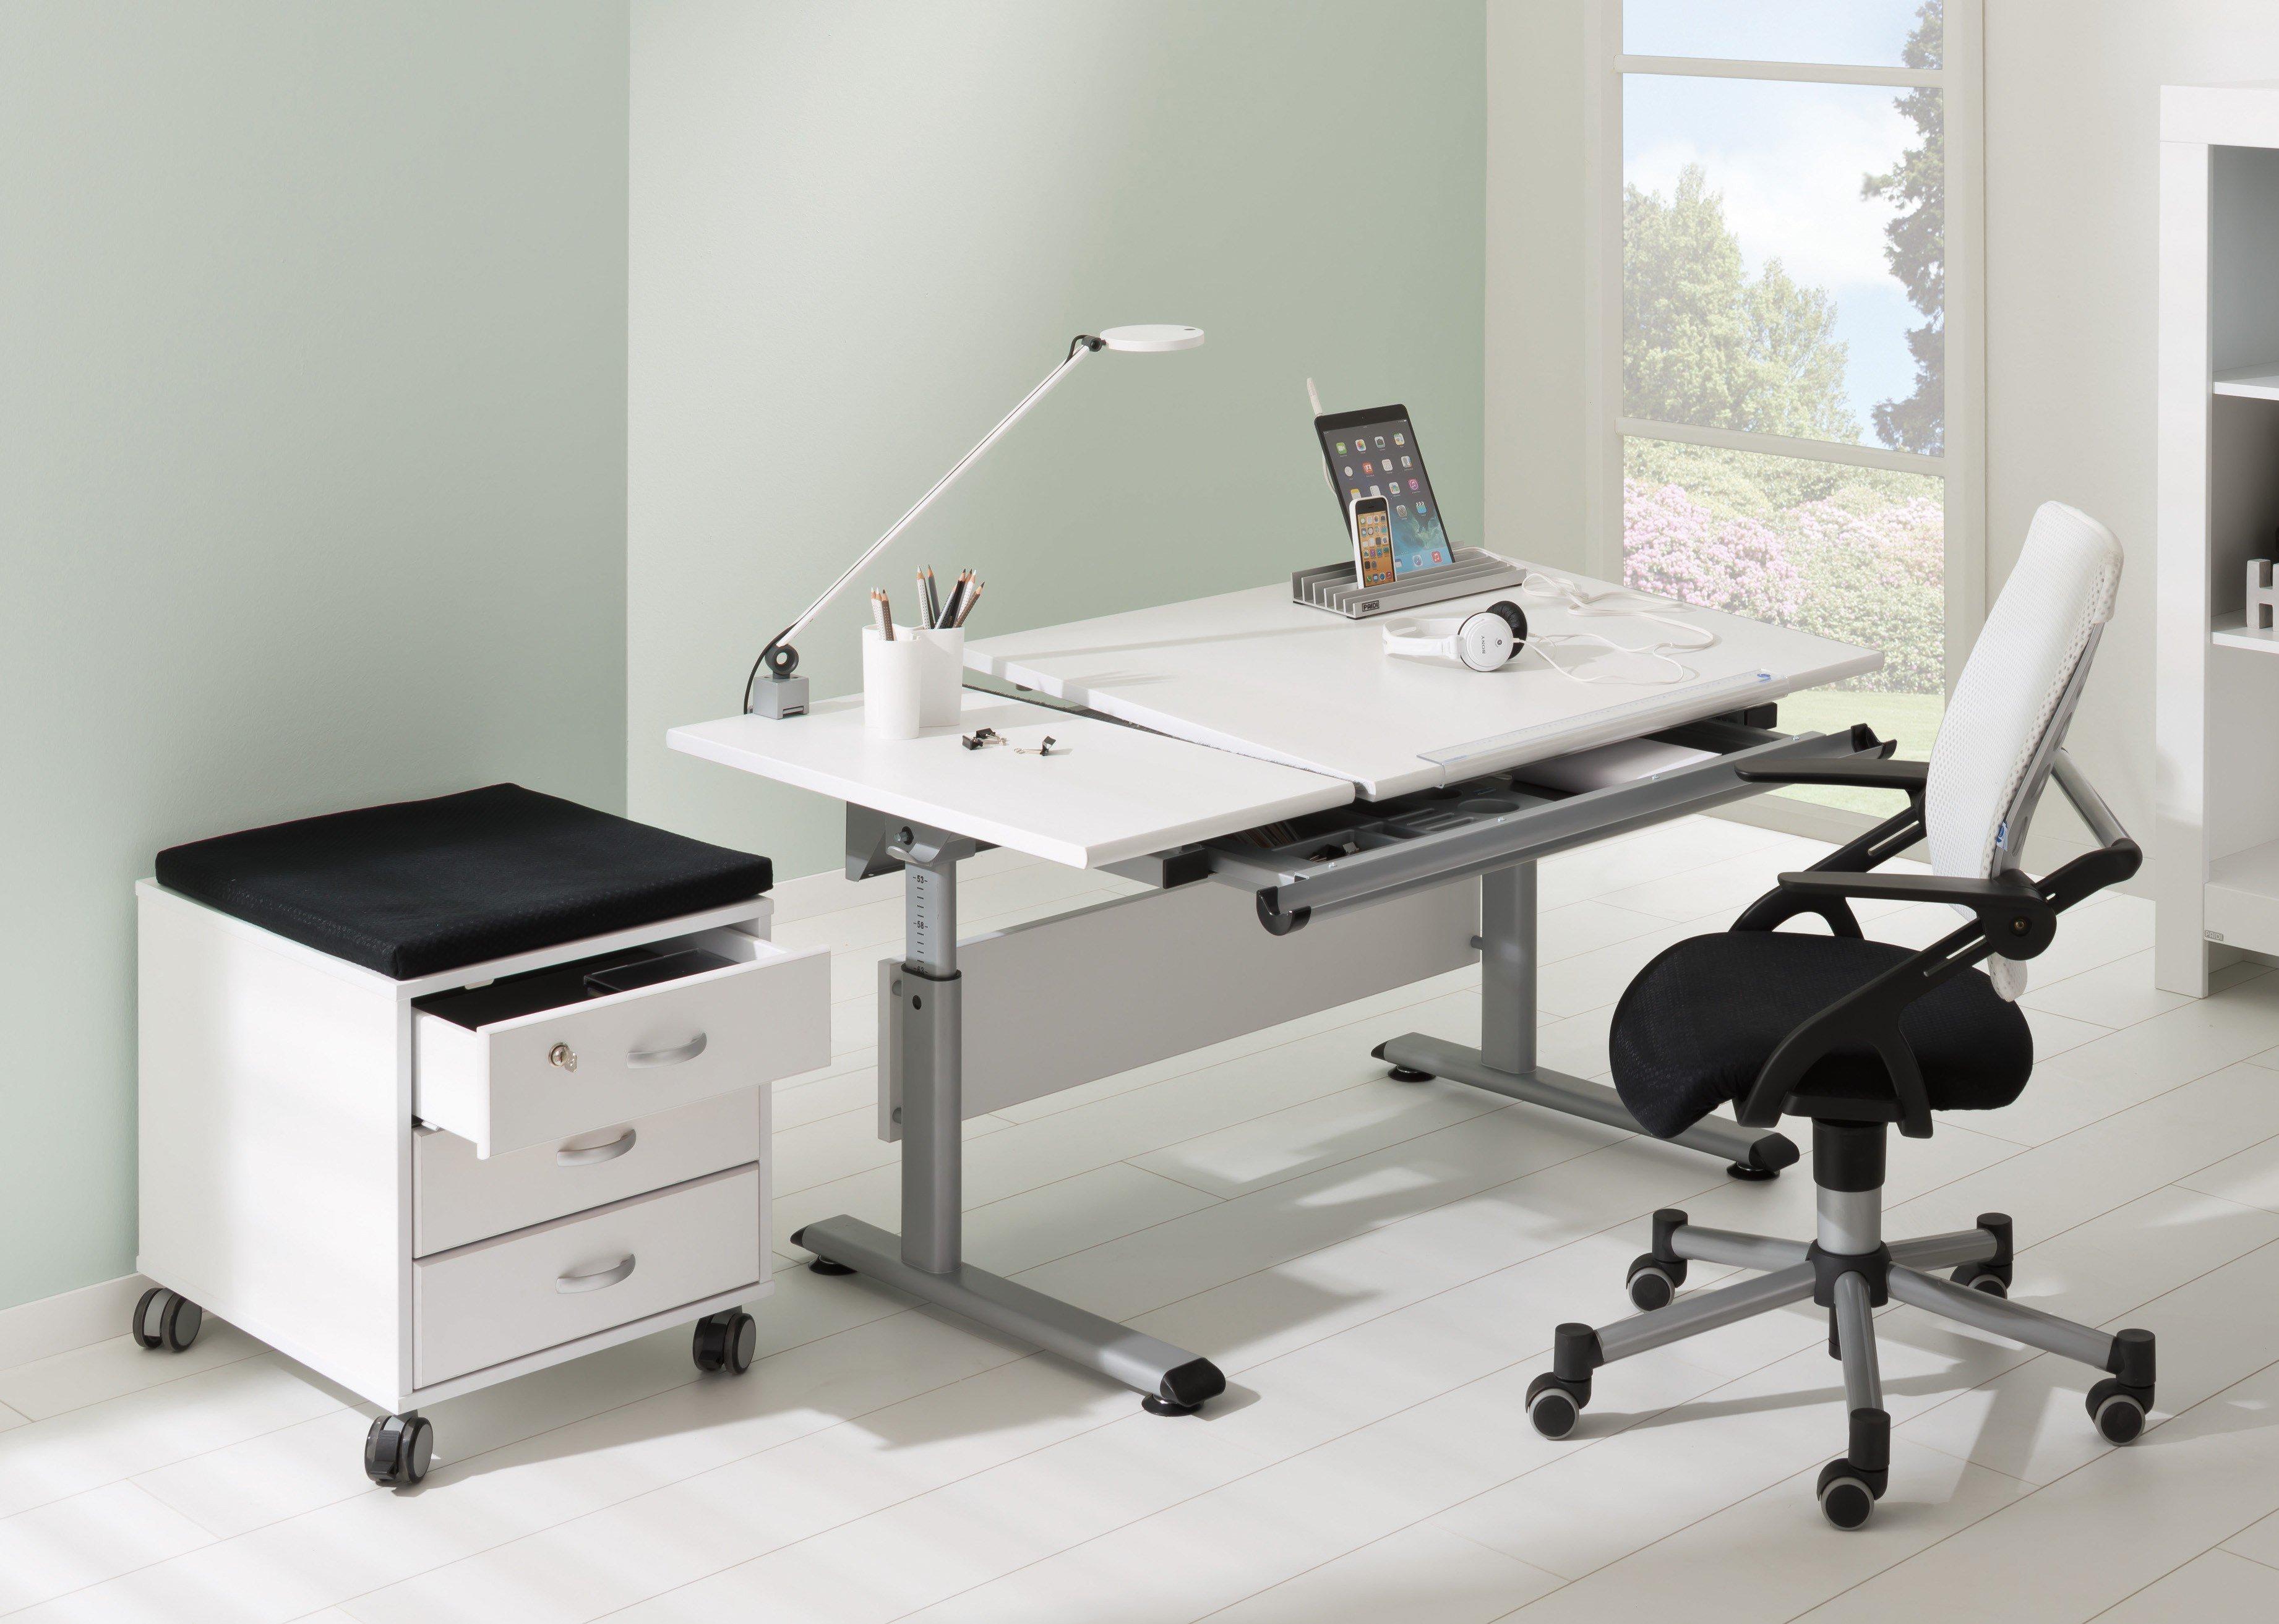 Kinderschreibtisch weiß paidi  Paidi Marco 2 130 GT Schreibtisch weiß - Platte geteilt | Möbel ...